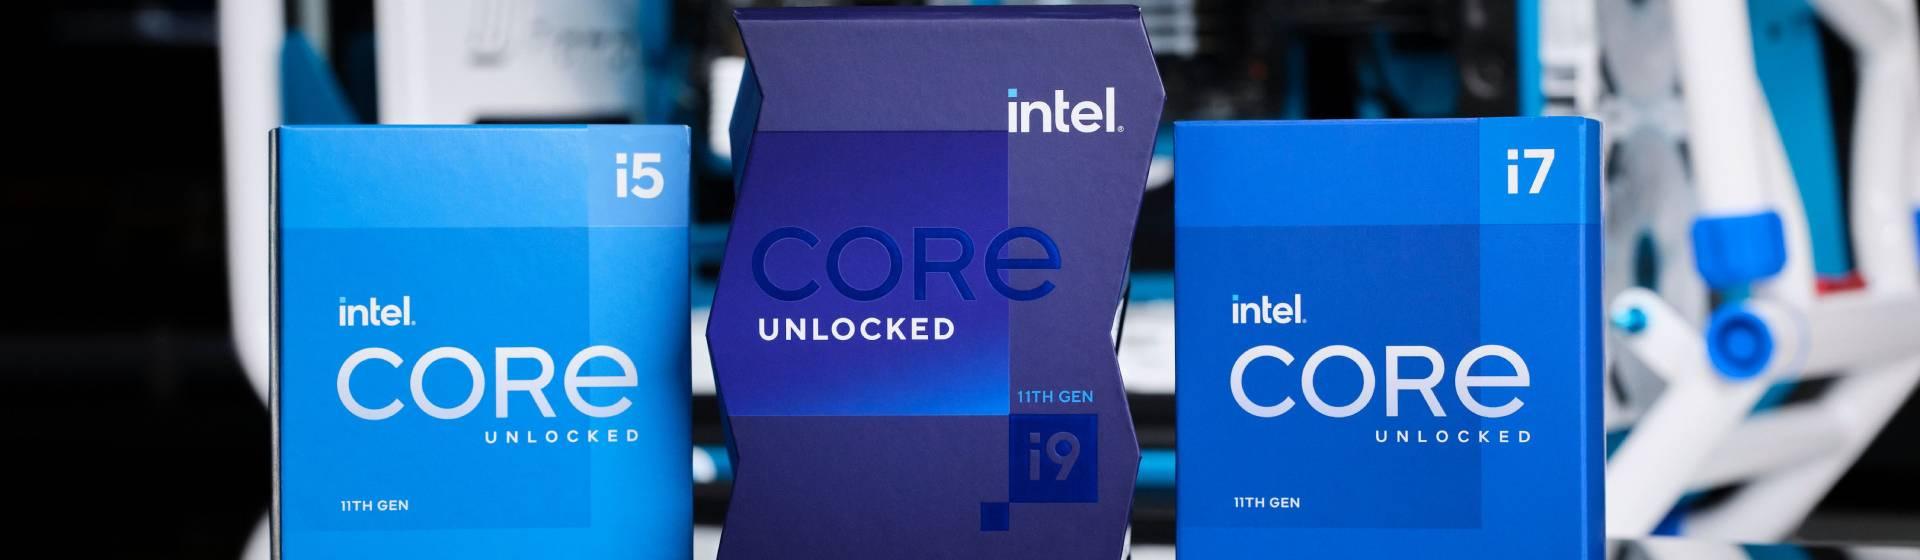 Processadores Intel de 11ª geração: o que muda na nova linha?